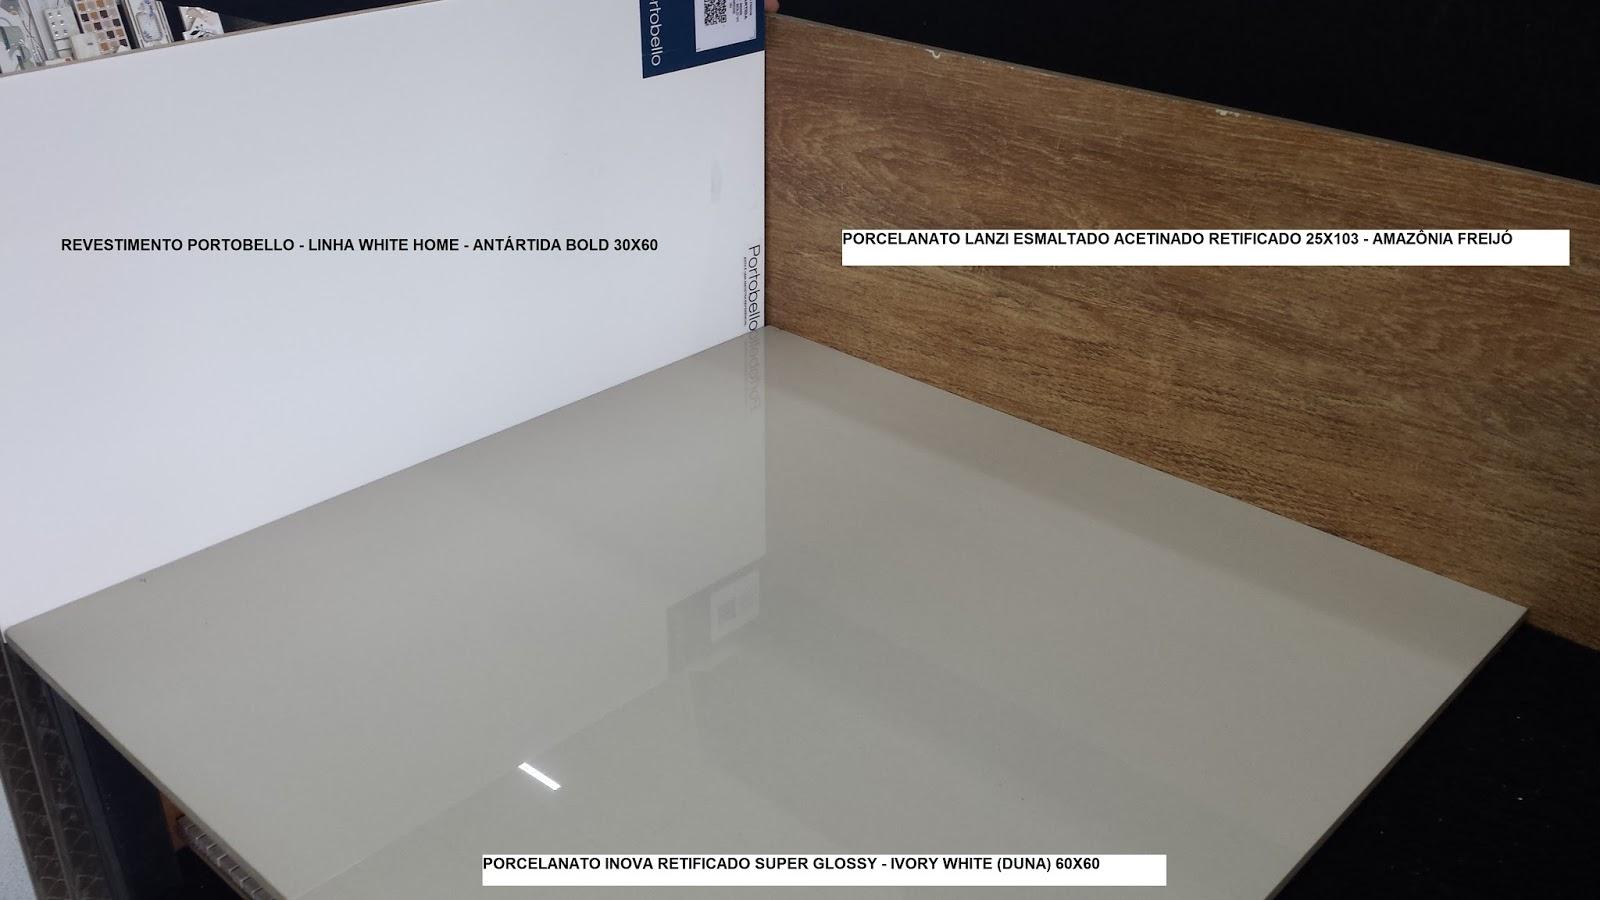 construção.: Semanas 6 e revestimentos da suíte 1 e banheiro social #614730 1600x900 Banheiro Com Porcelanato Concreto